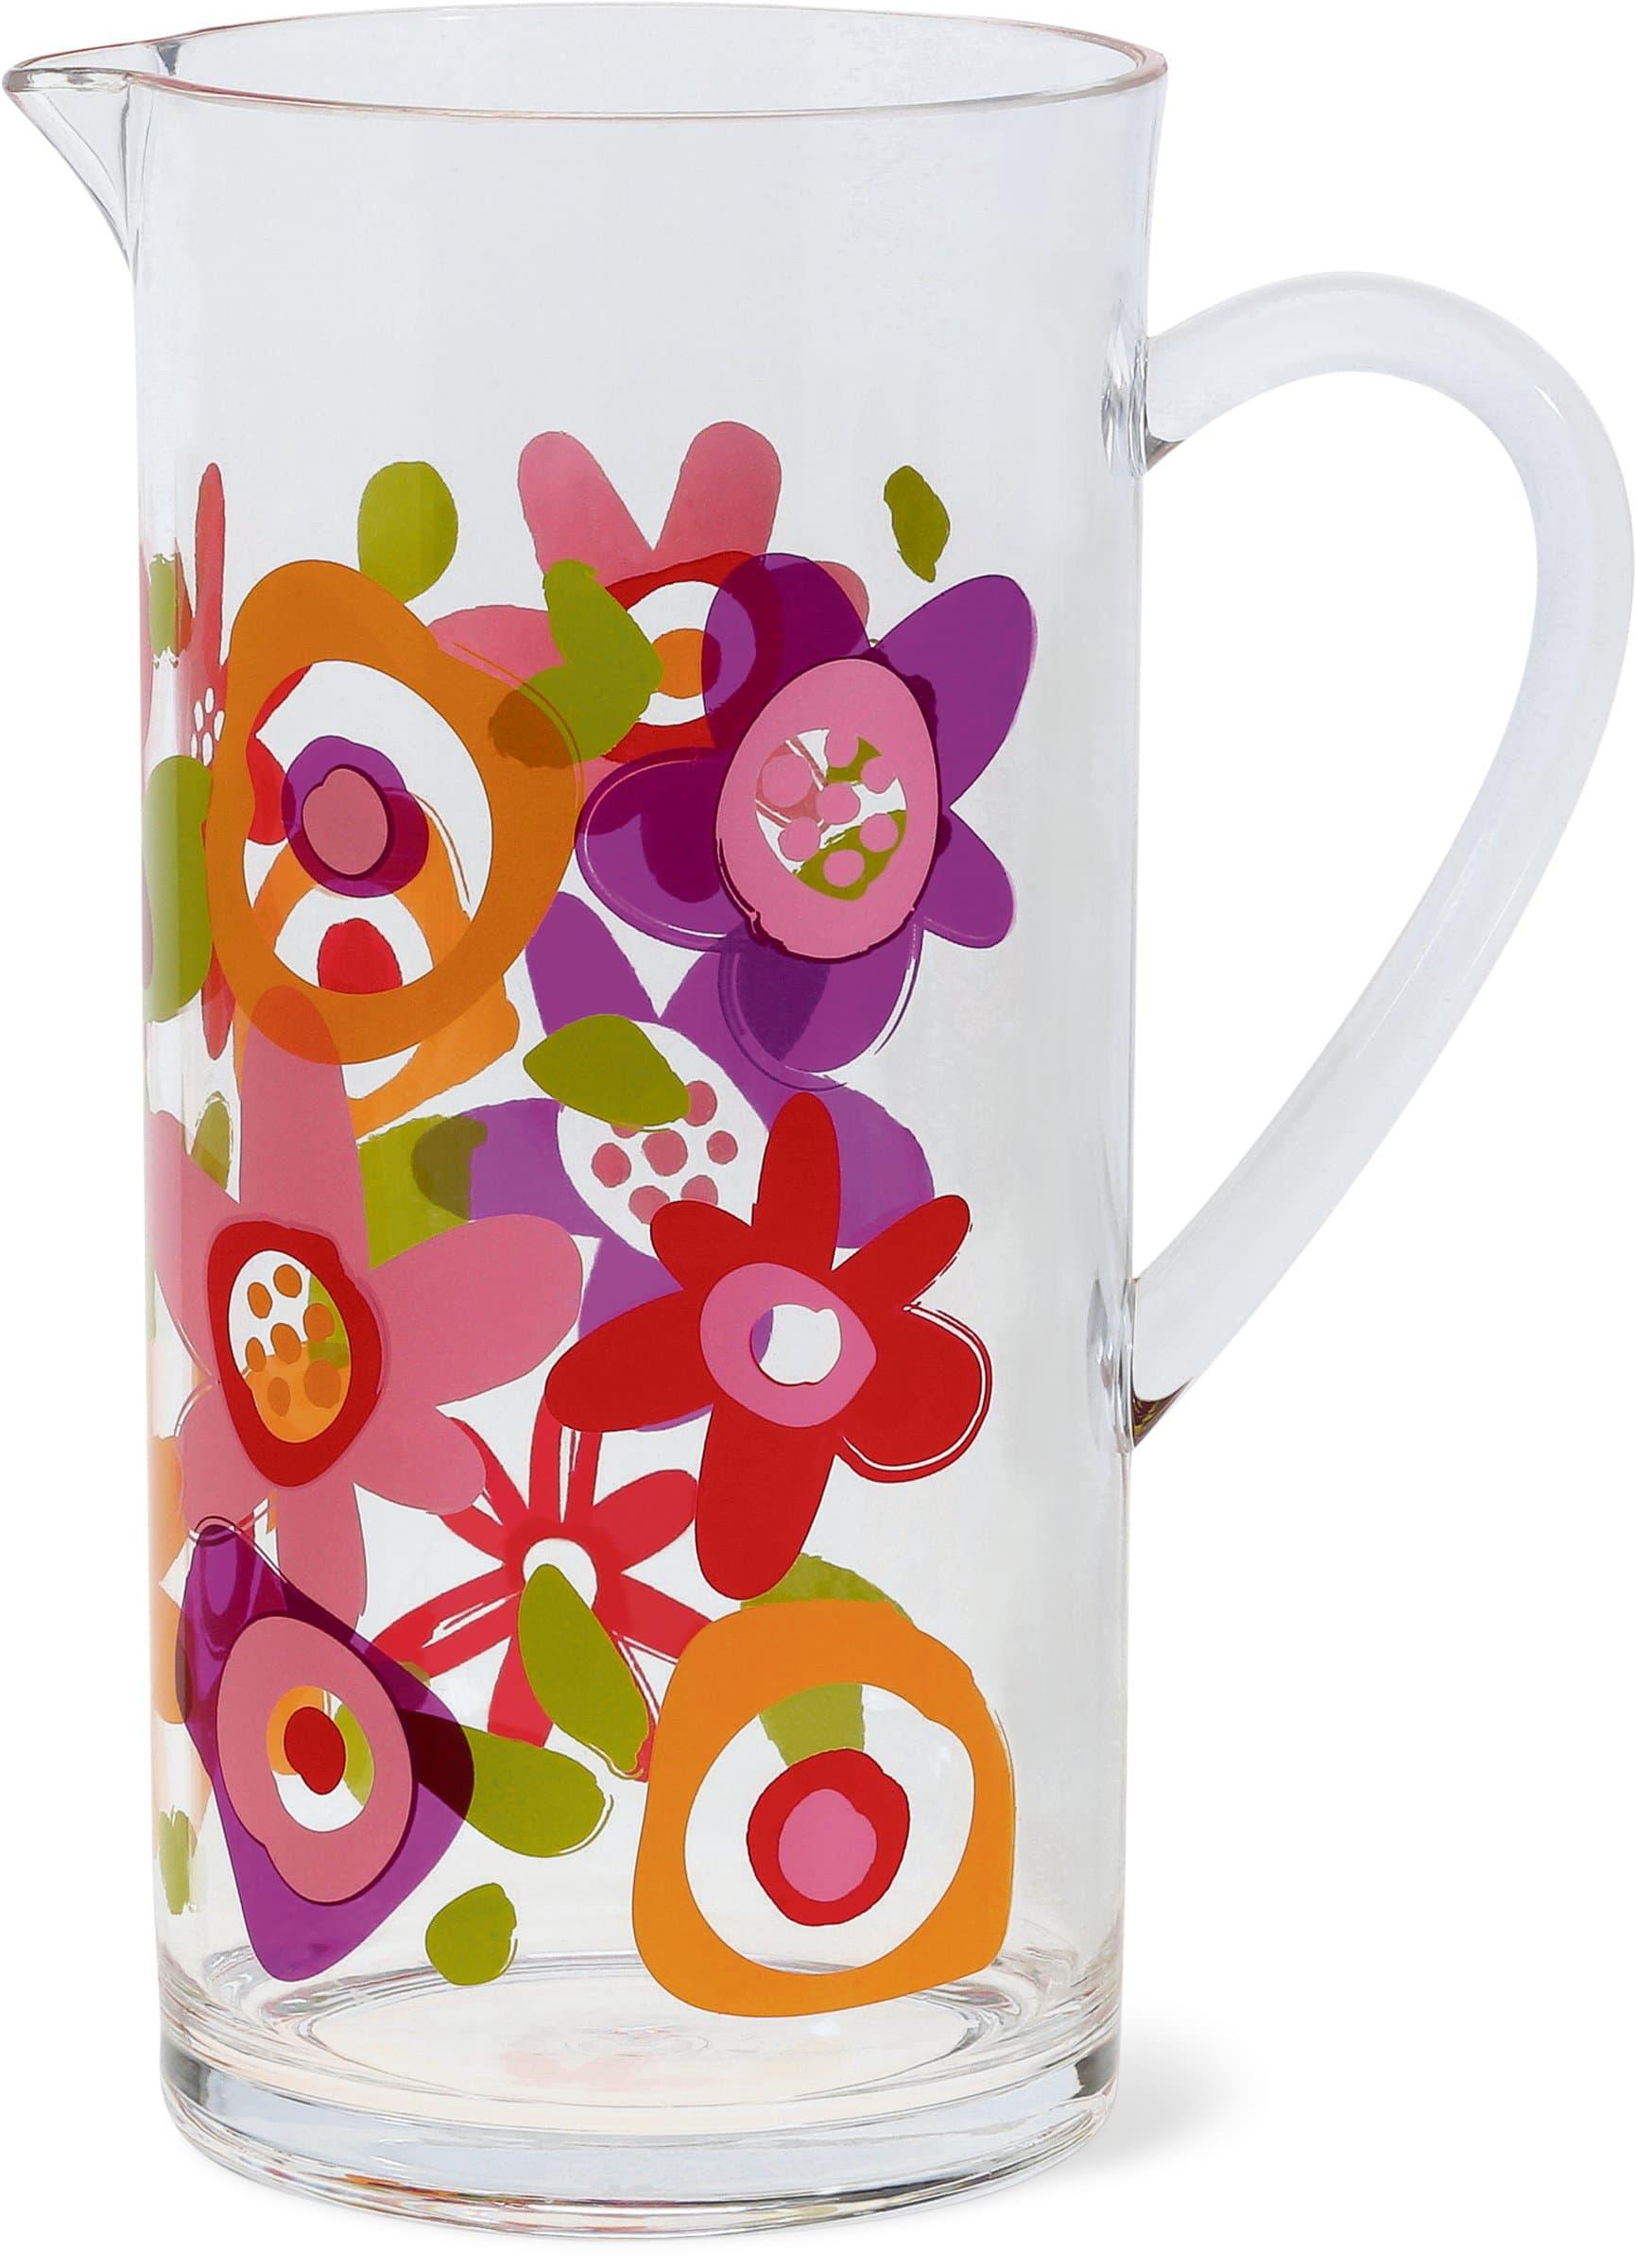 Cucina & Tavola Pichet Flower